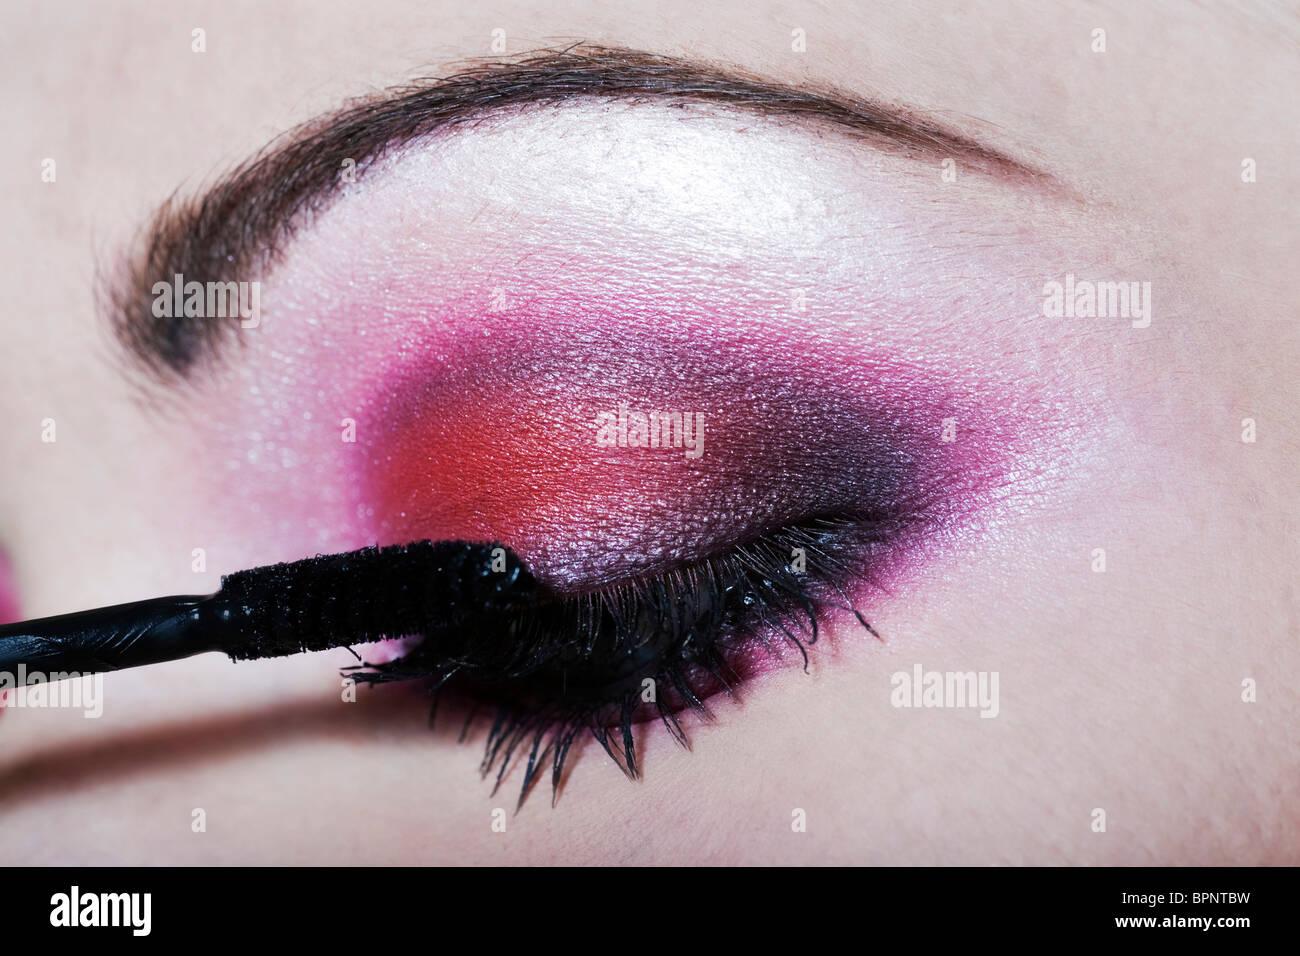 Frau, die Anwendung von Mascara farbigen Lidschatten Make-up Stockbild